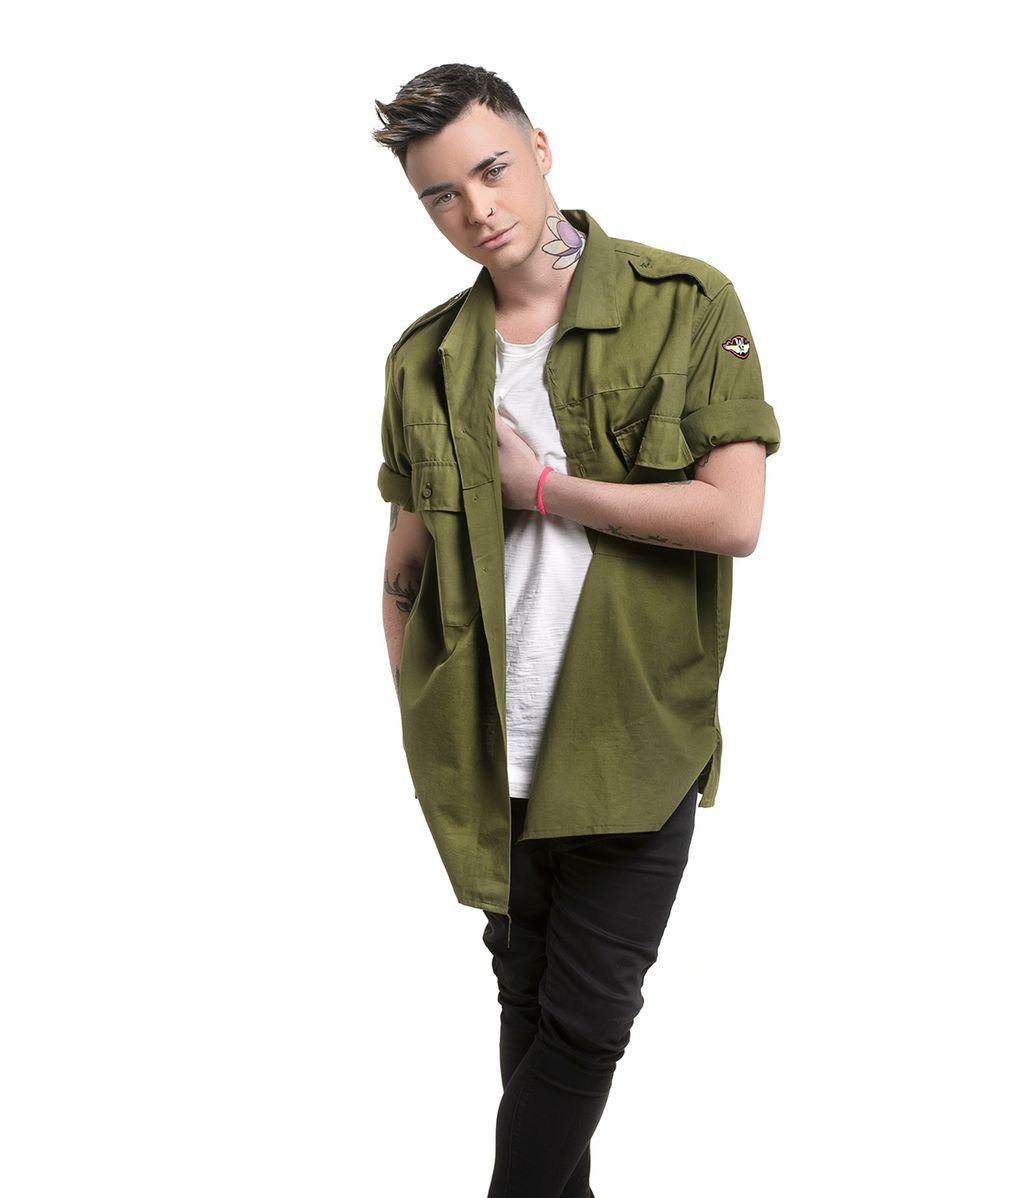 Mario Jefferson, cantante y componente del jurado de RTVE para el Festival de Eurovisión